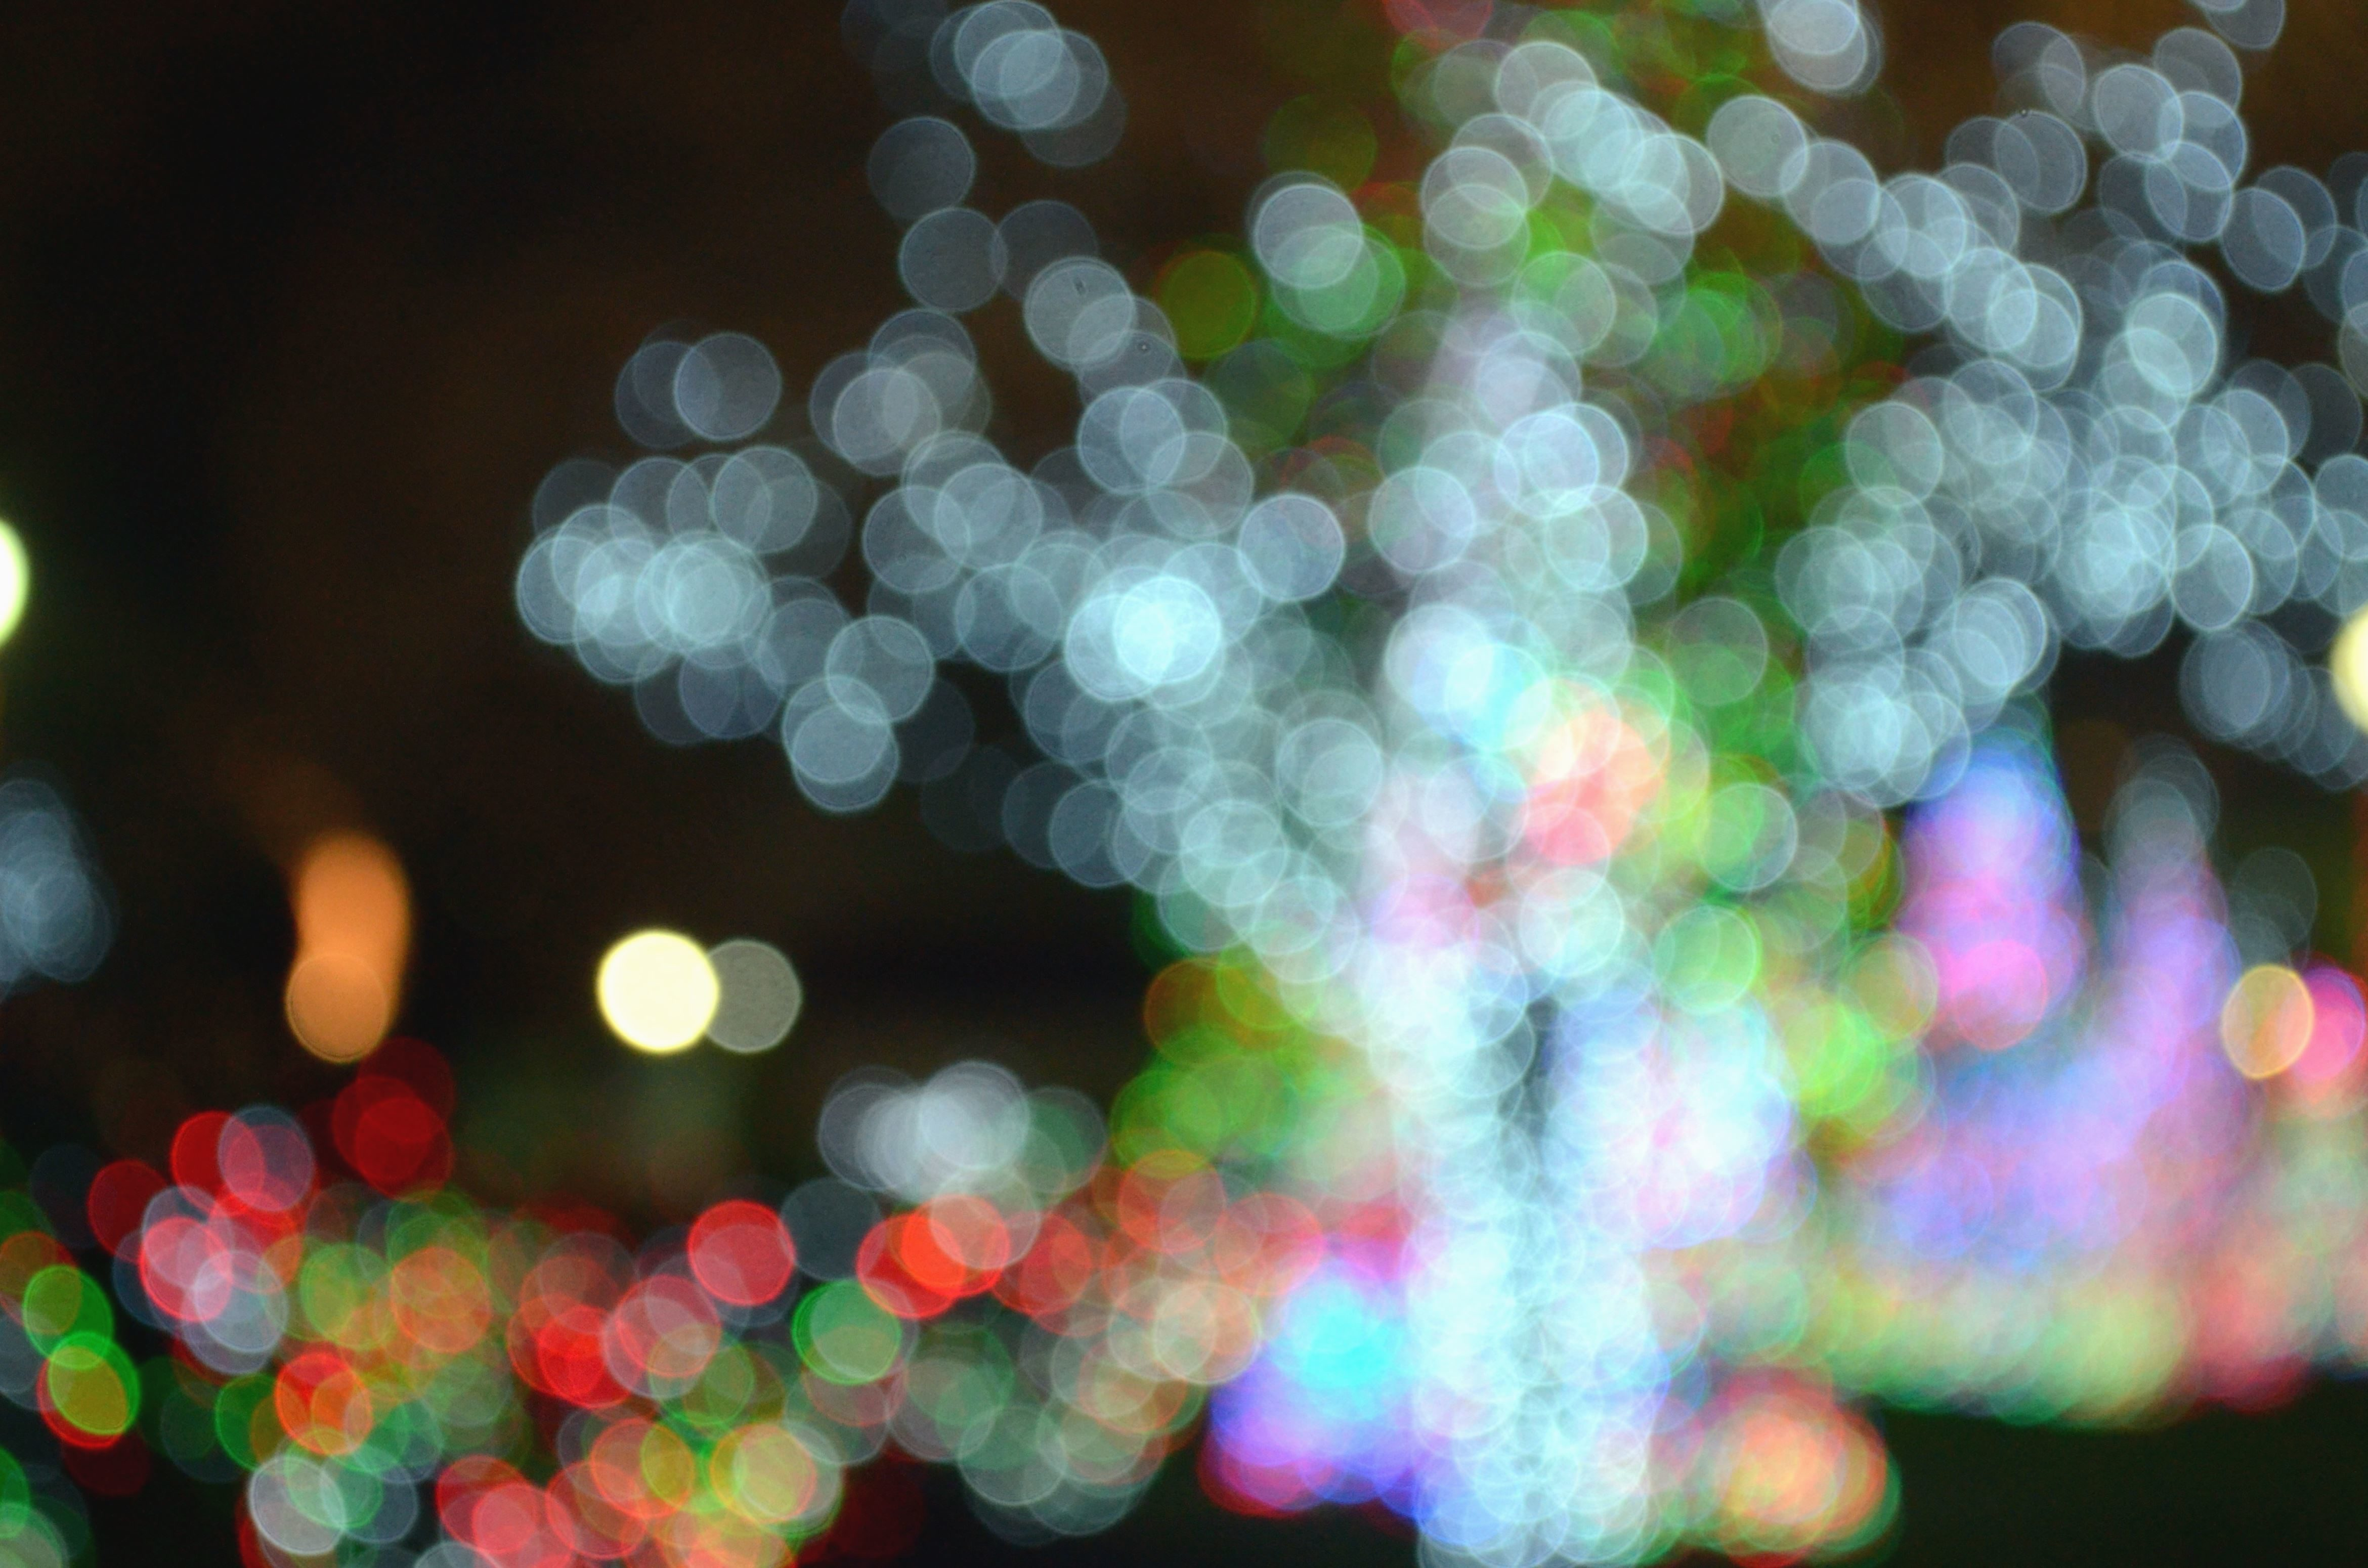 картинки с яркими огнями комплекса символично